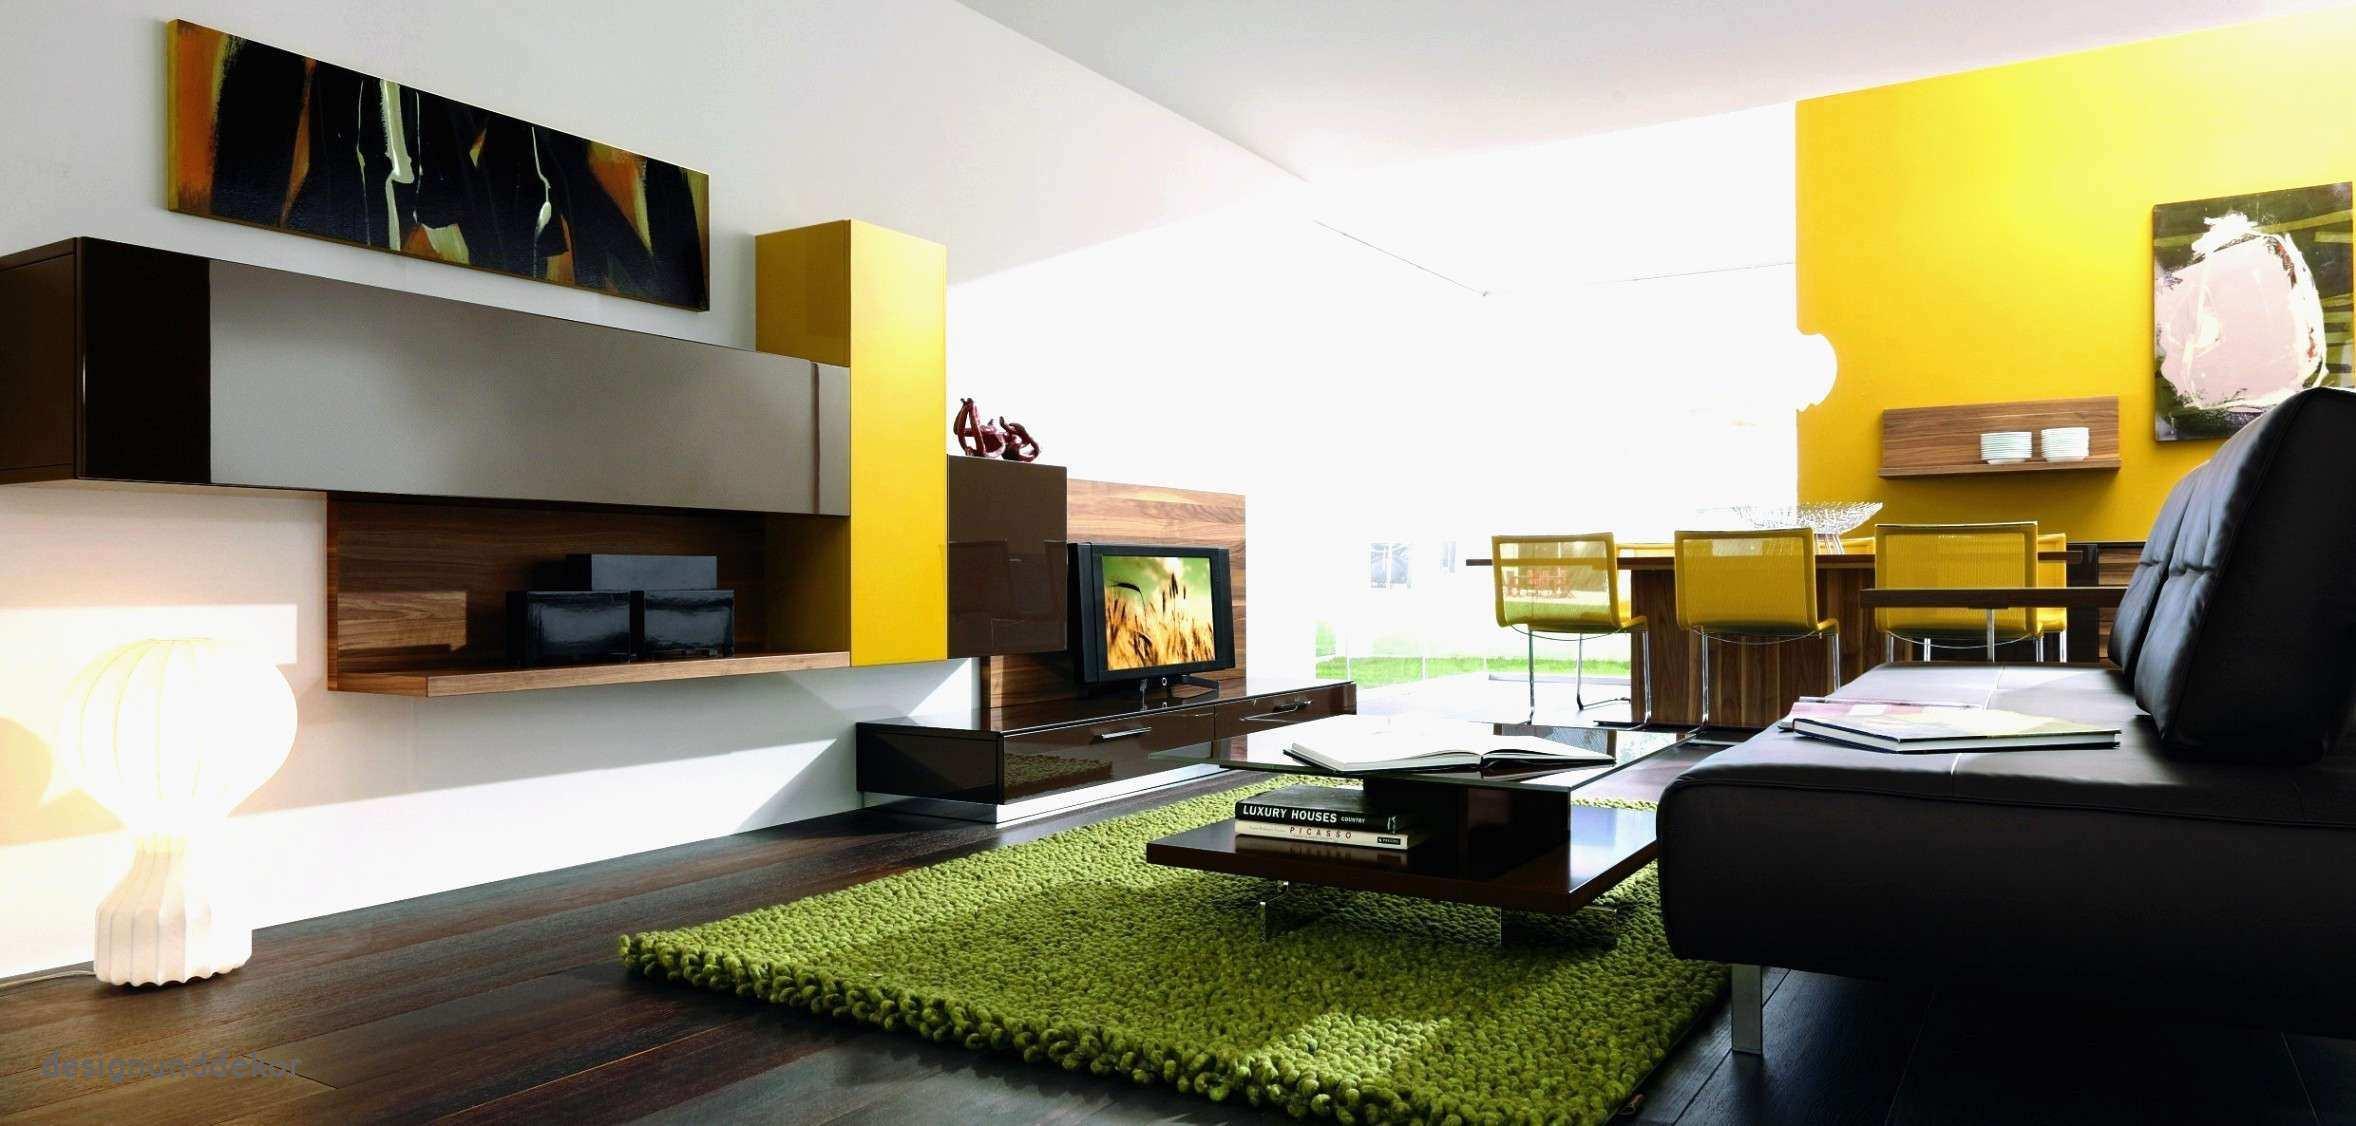 deko ideen fur wohnzimmer reizend 36 elegant ideen fur garten of deko ideen fur wohnzimmer